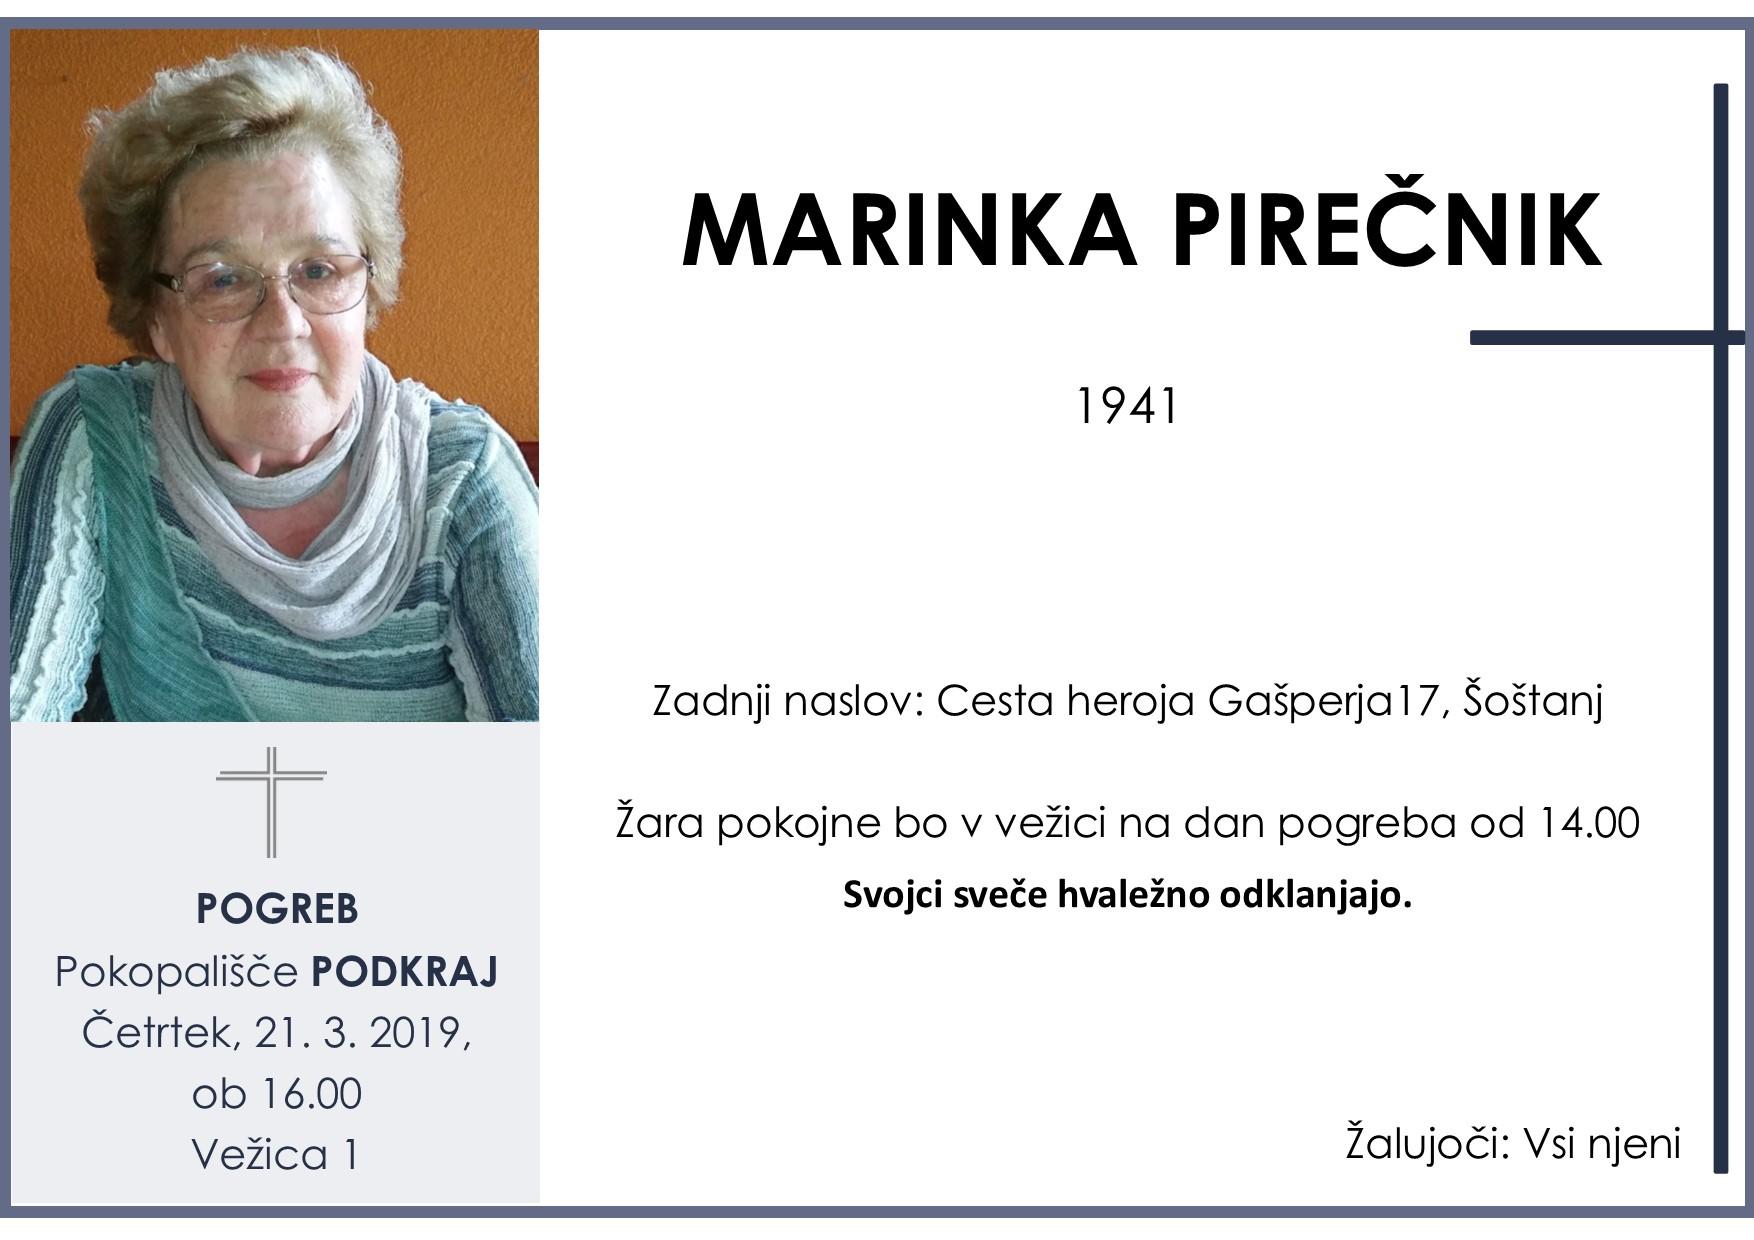 MARINKA PIREČNIK, Podkraj, 21. 03. 2019